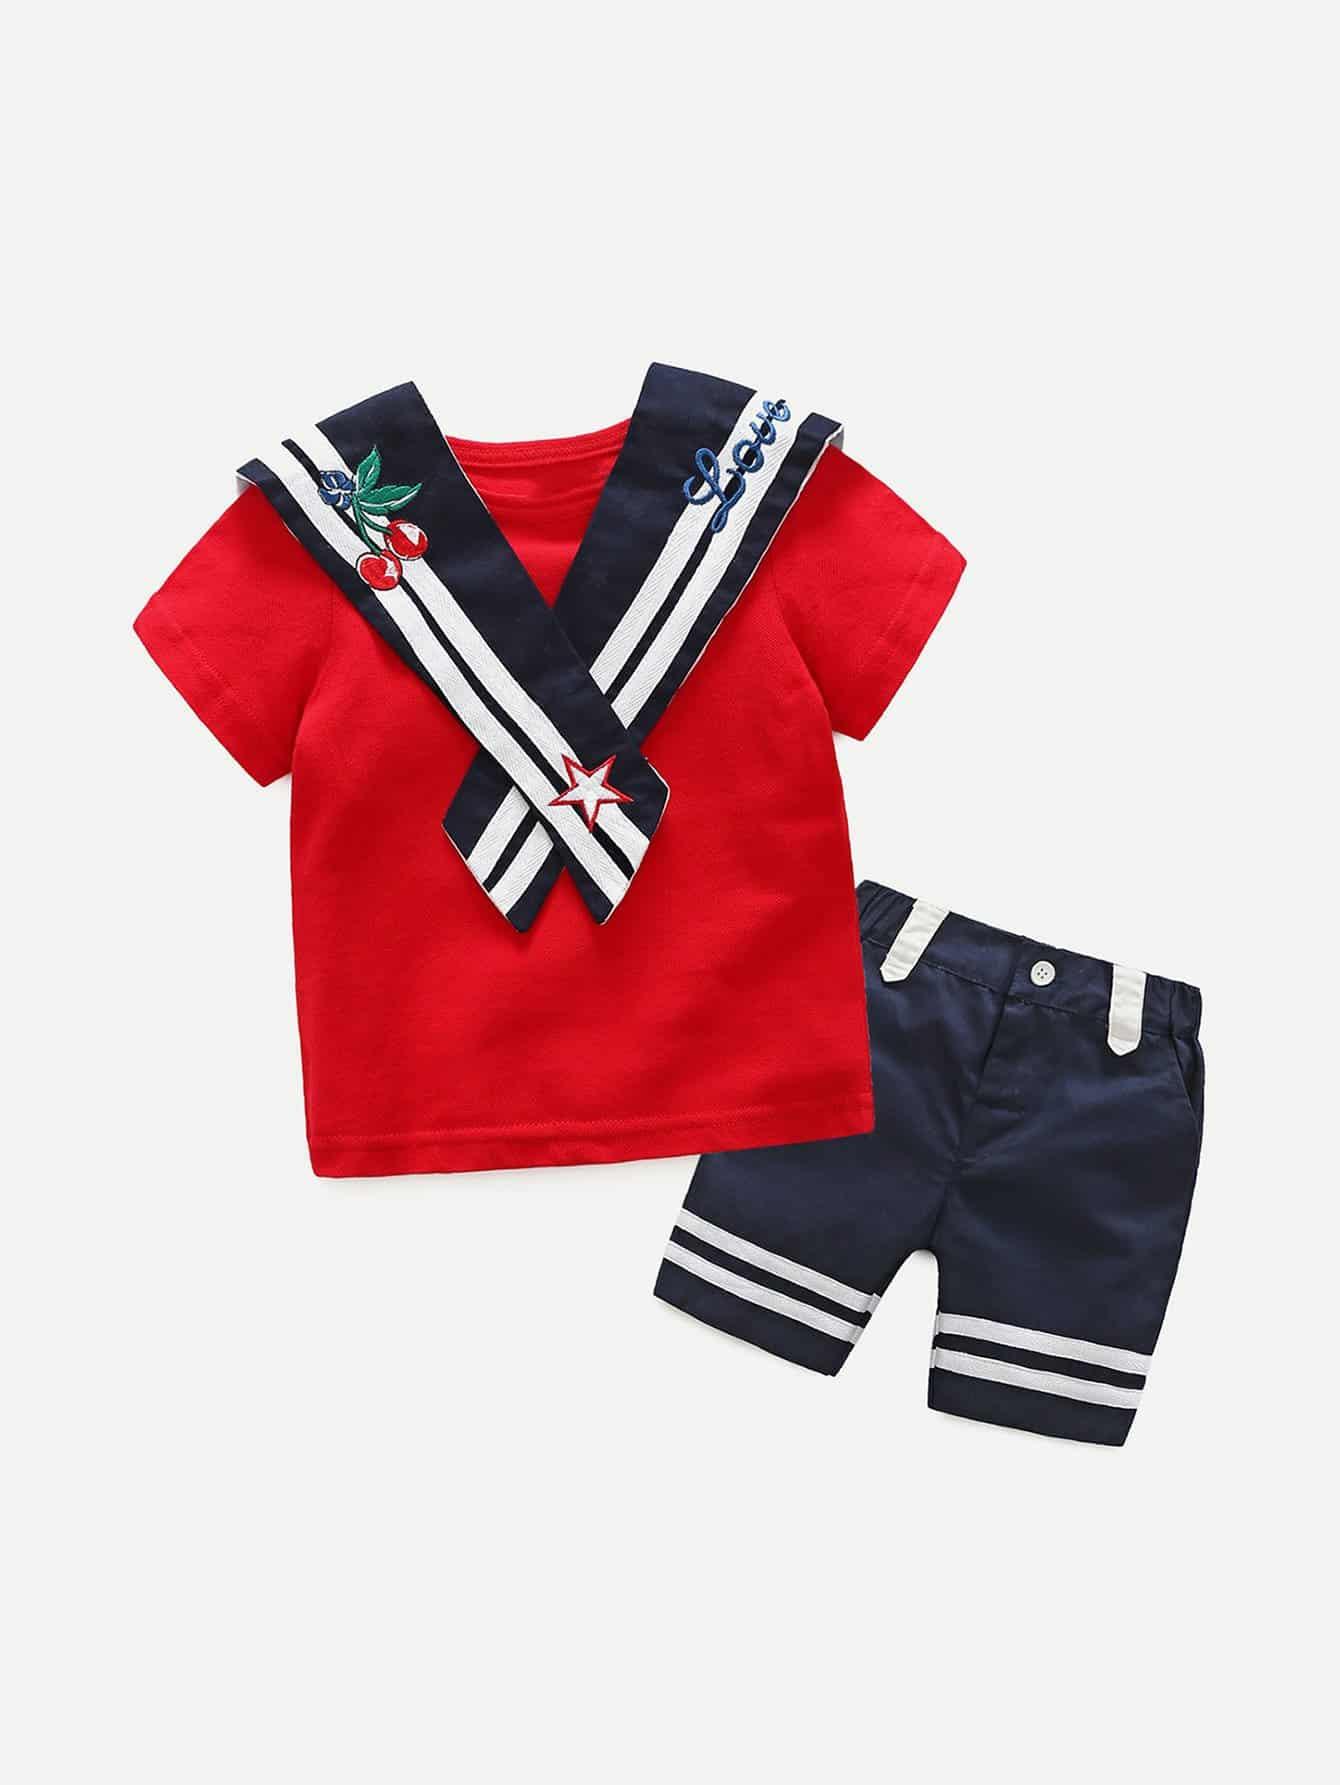 Футболка и шорты с полосками для детей от SheIn